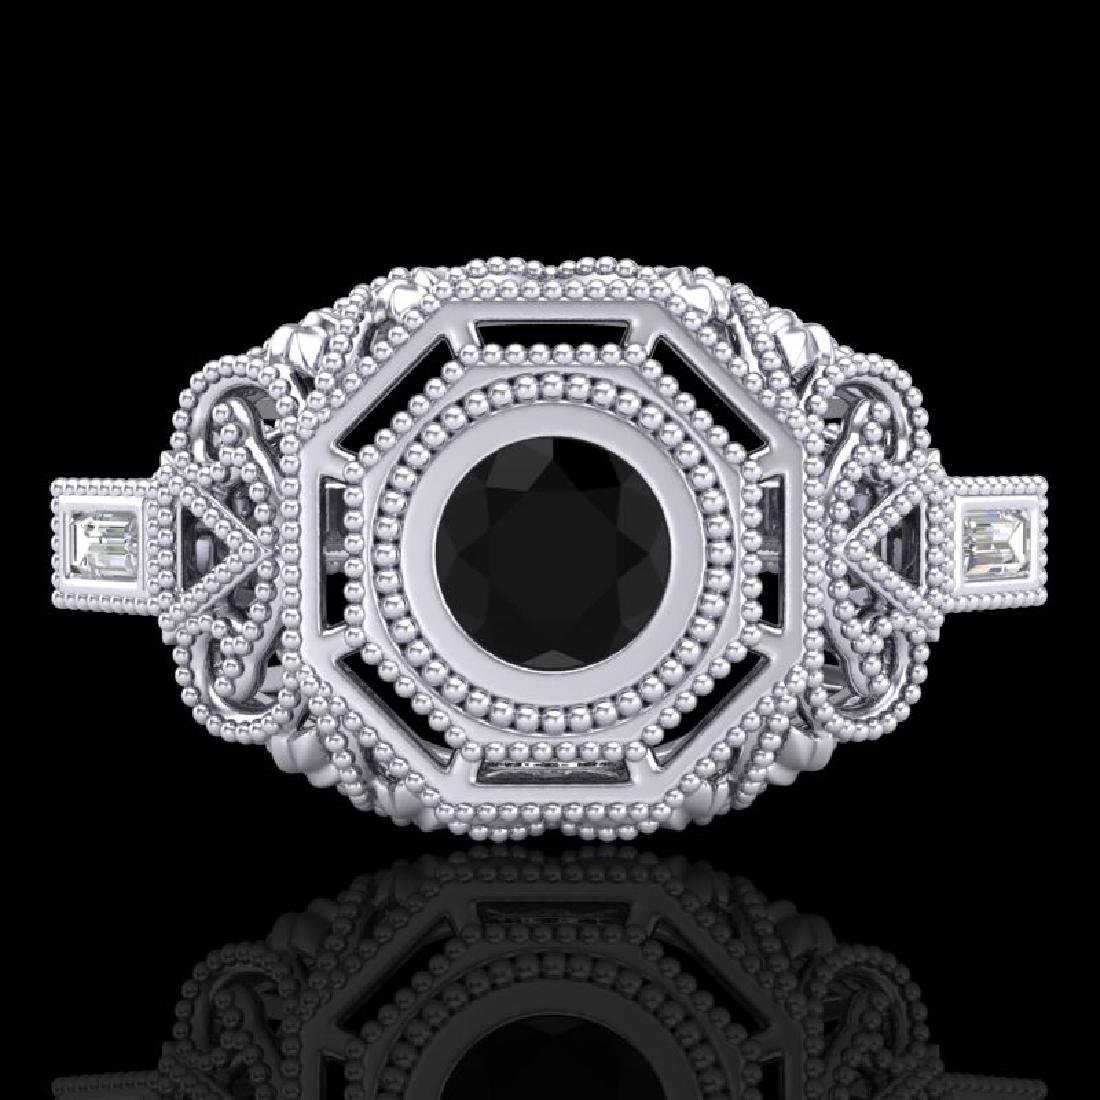 0.75 CTW Fancy Black Diamond Solitaire Engagement Art - 2